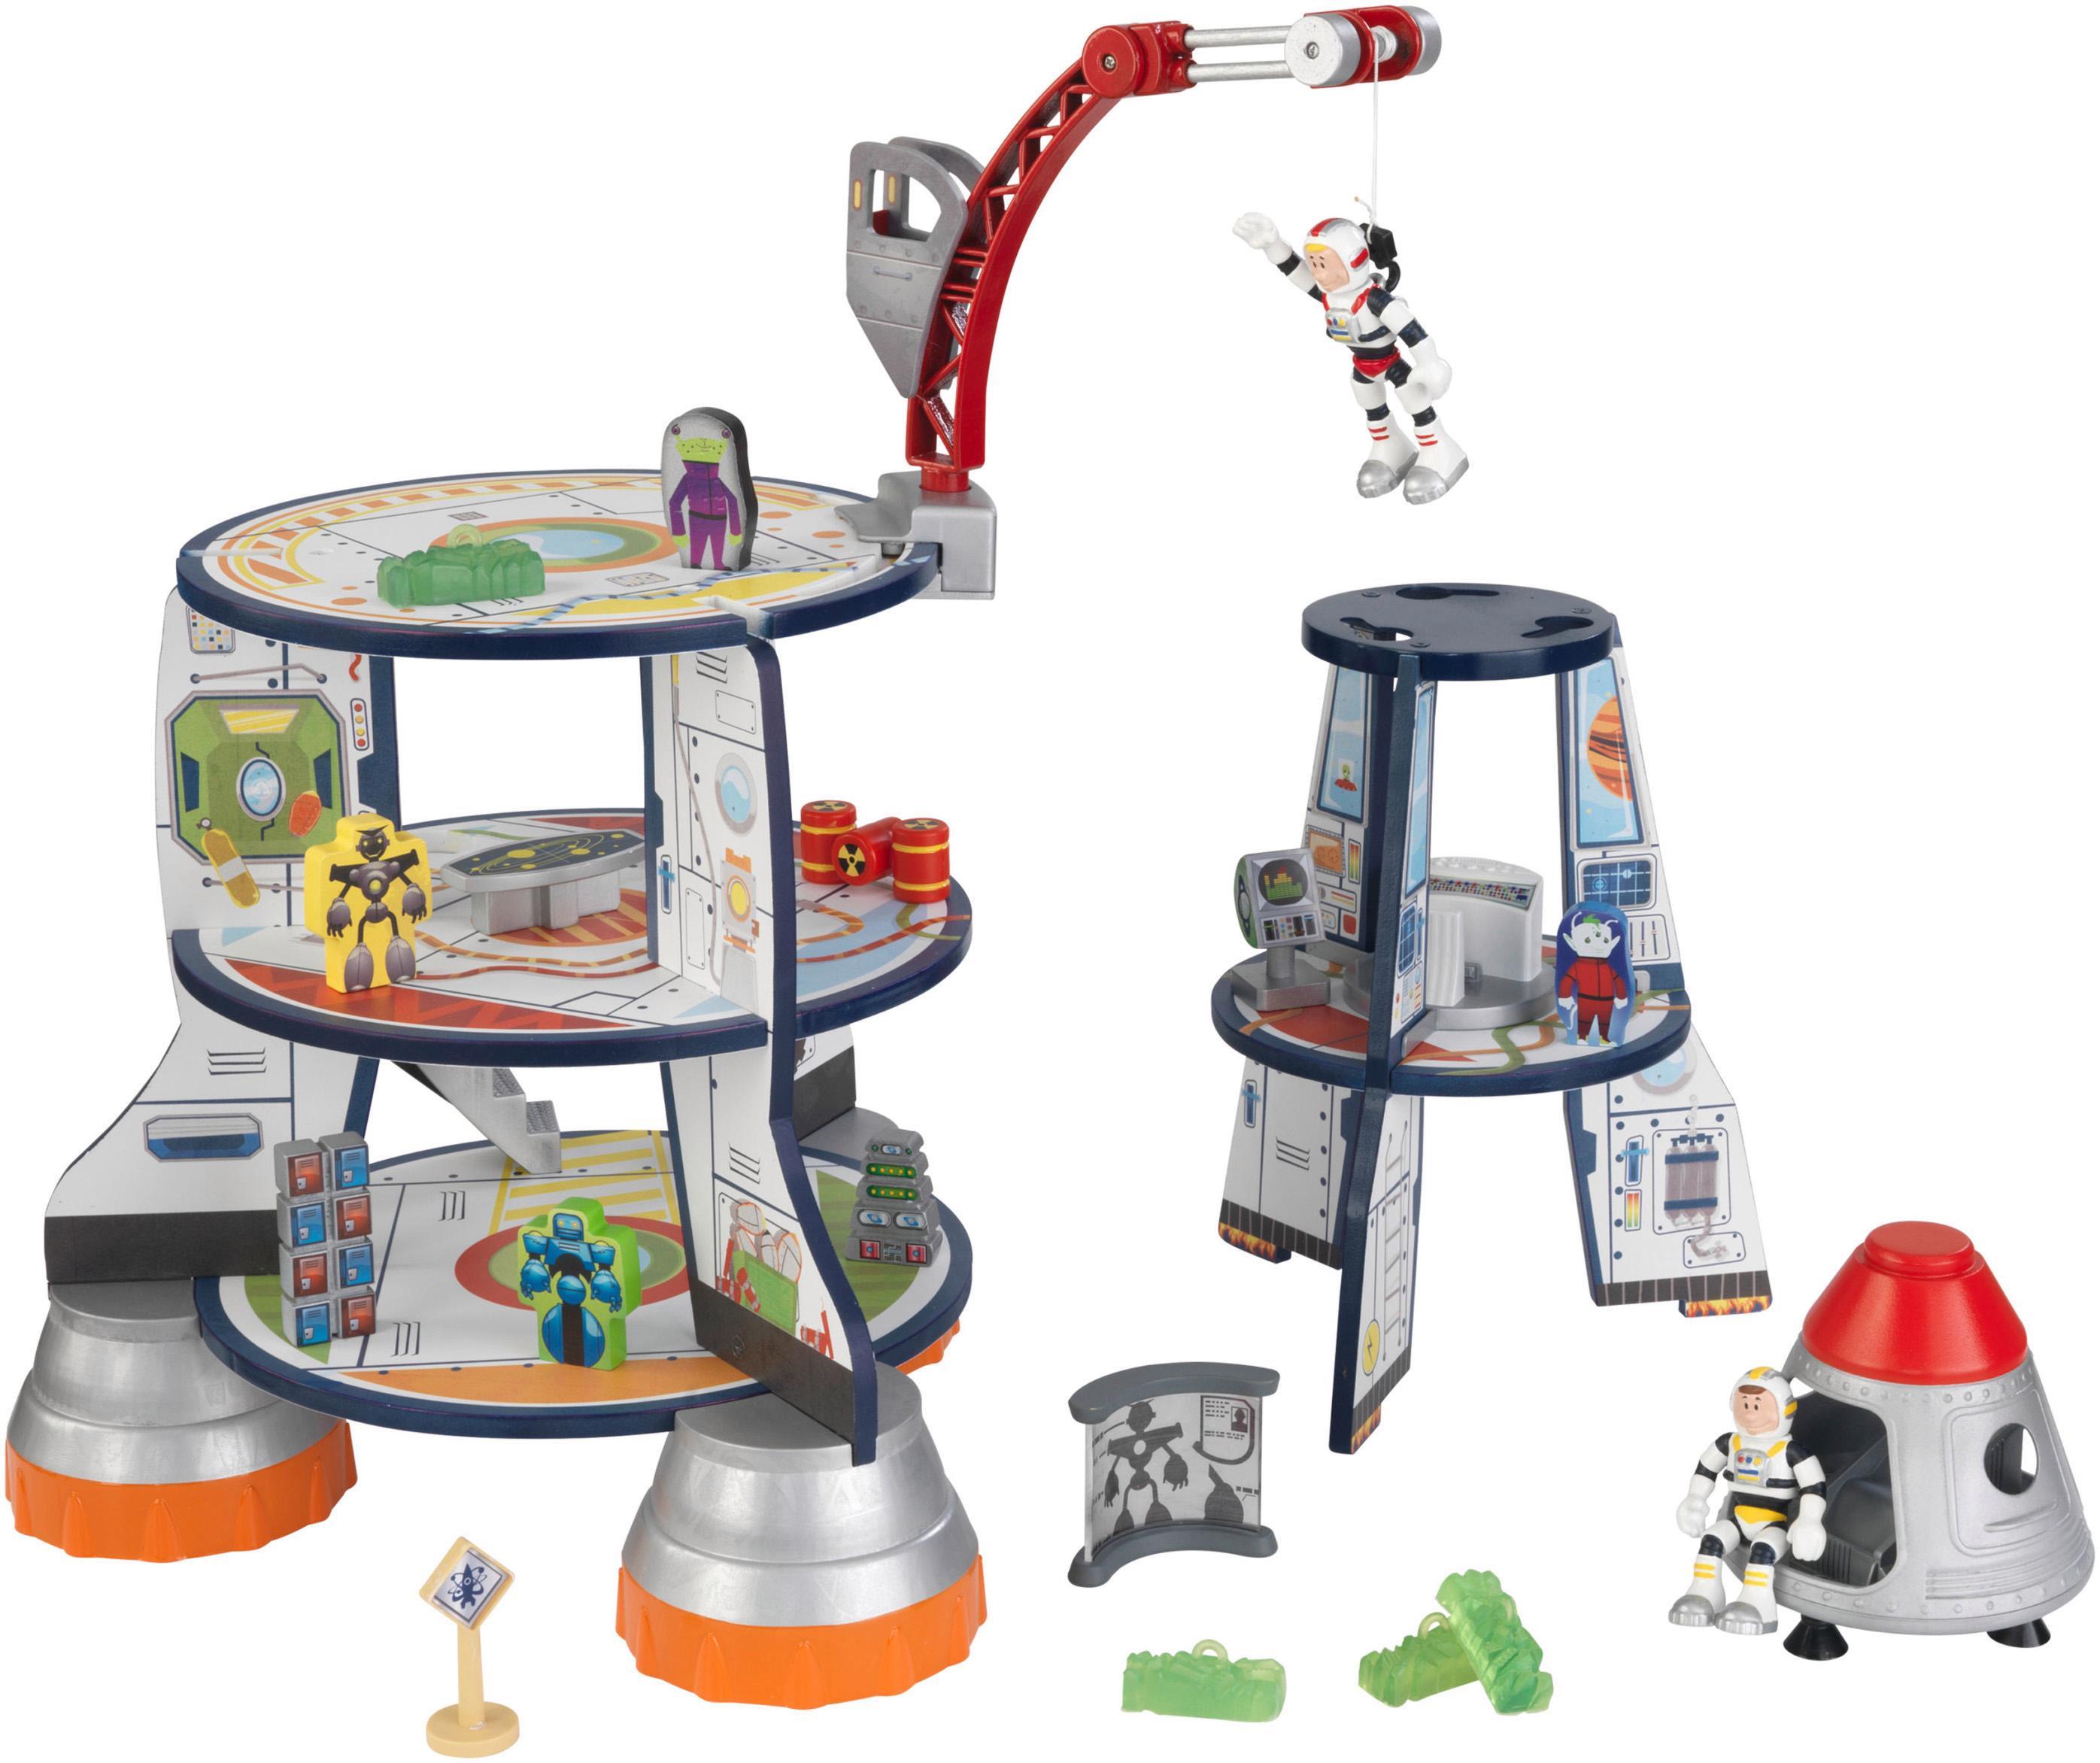 KidKraft Spielzeugrakete Spielset Rakete Preisvergleich